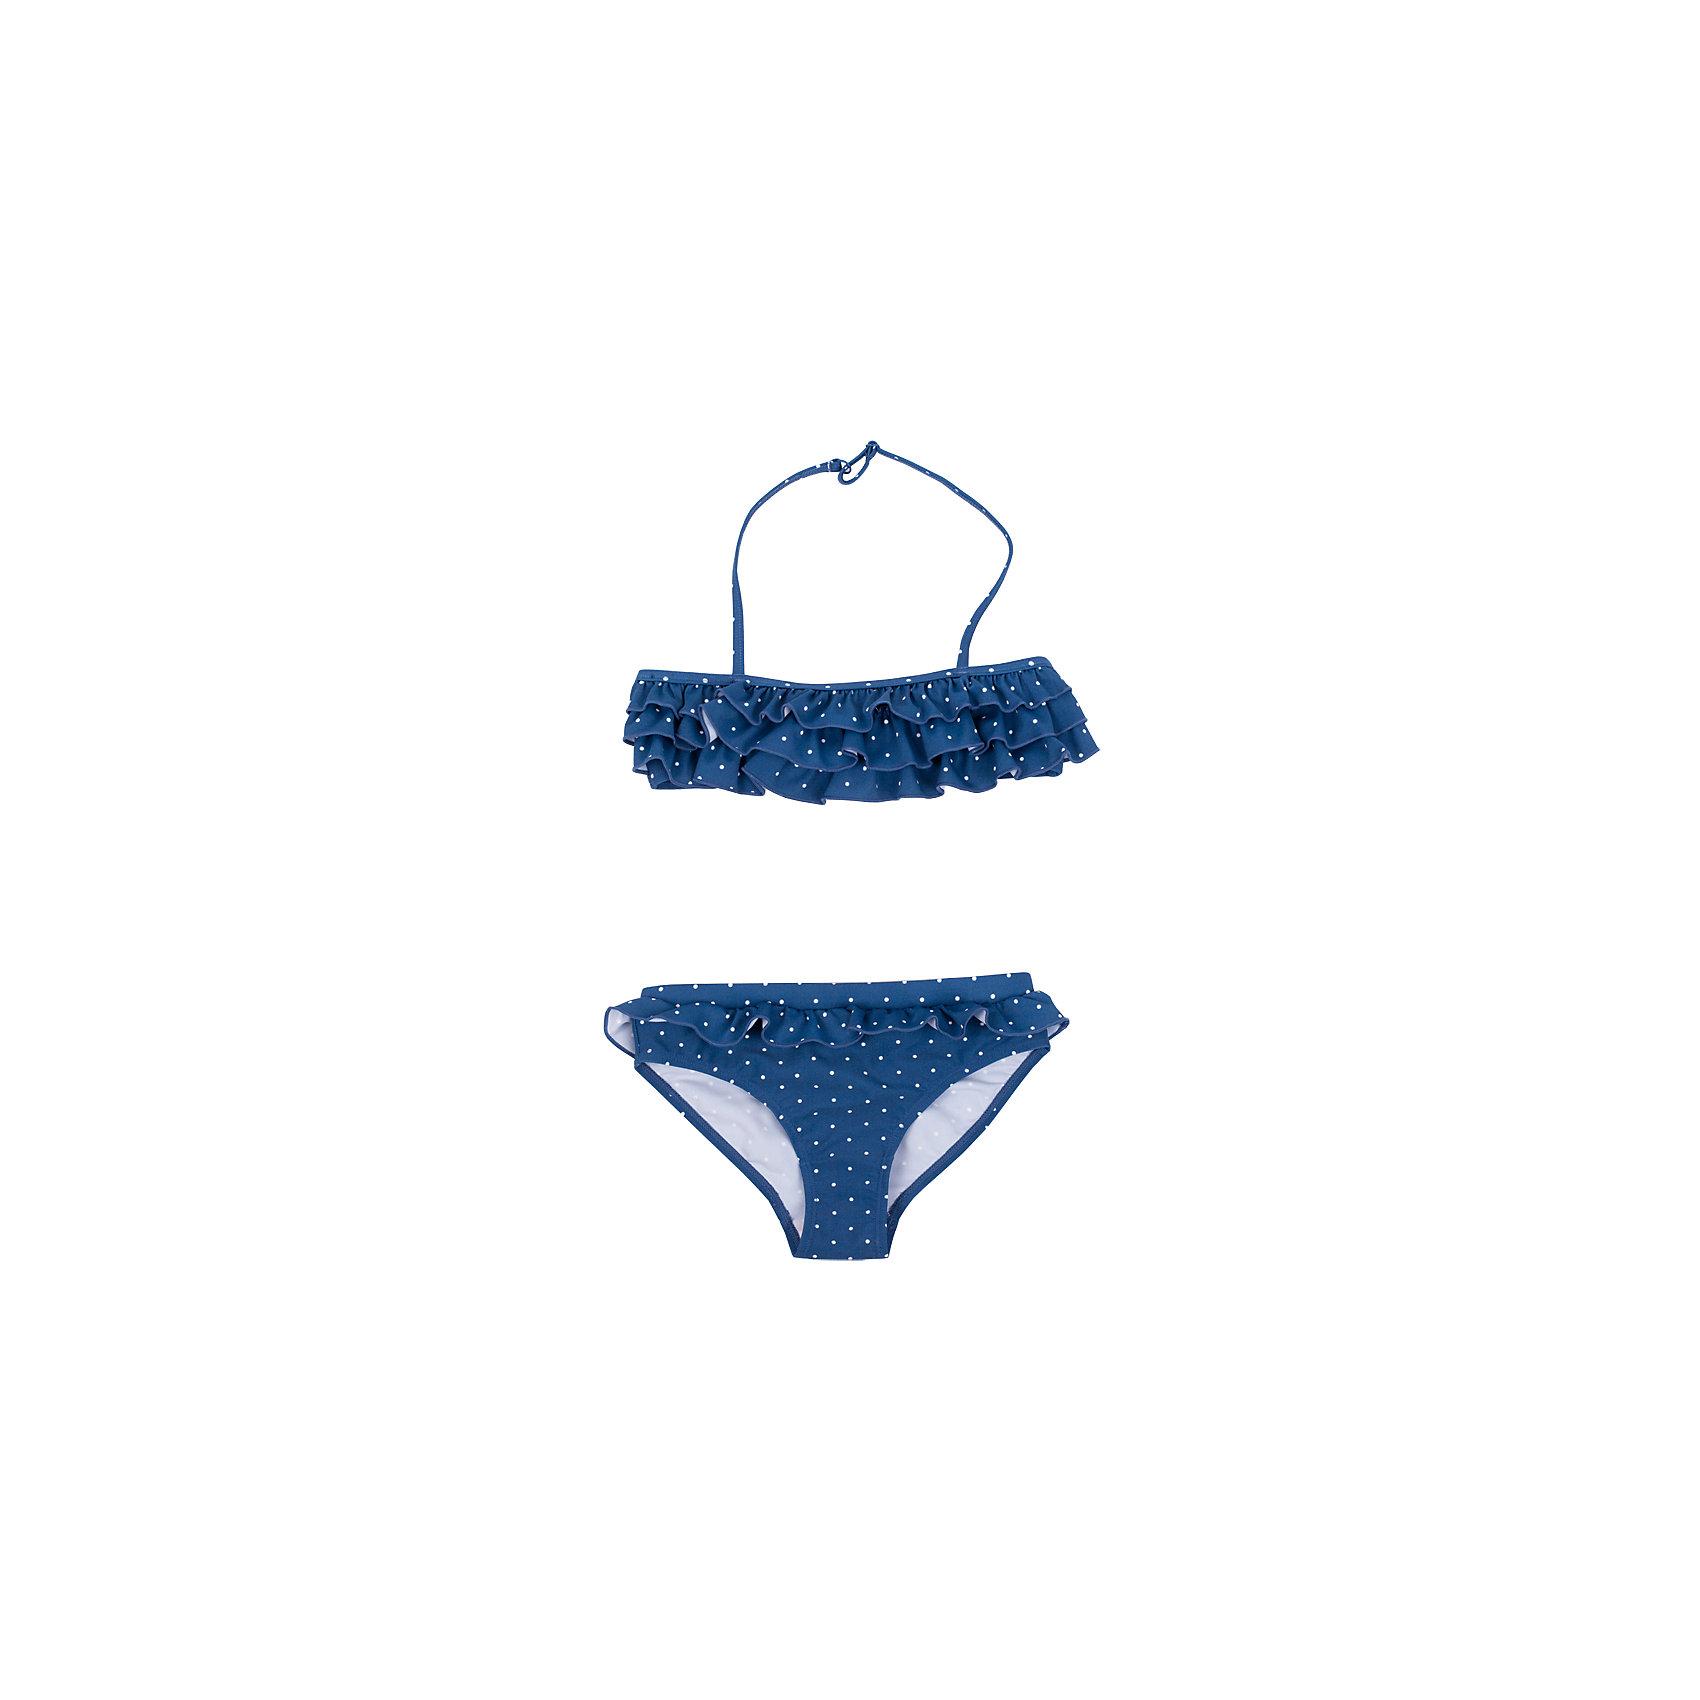 Купальник для девочки Button BlueКупить красивый синий купальник в горошек - подарить девочке отличное настроение на весь пляжный сезон. А купить красивый детский купальник недорого, значит, сделать правильный выбор и получить удовольствие от покупки.<br>Состав:<br>83% полиамид        17% эластан;       подкл.:                    100% полиэстер<br><br>Ширина мм: 183<br>Глубина мм: 60<br>Высота мм: 135<br>Вес г: 119<br>Цвет: синий<br>Возраст от месяцев: 84<br>Возраст до месяцев: 96<br>Пол: Женский<br>Возраст: Детский<br>Размер: 140,128,98,116,104<br>SKU: 4510752